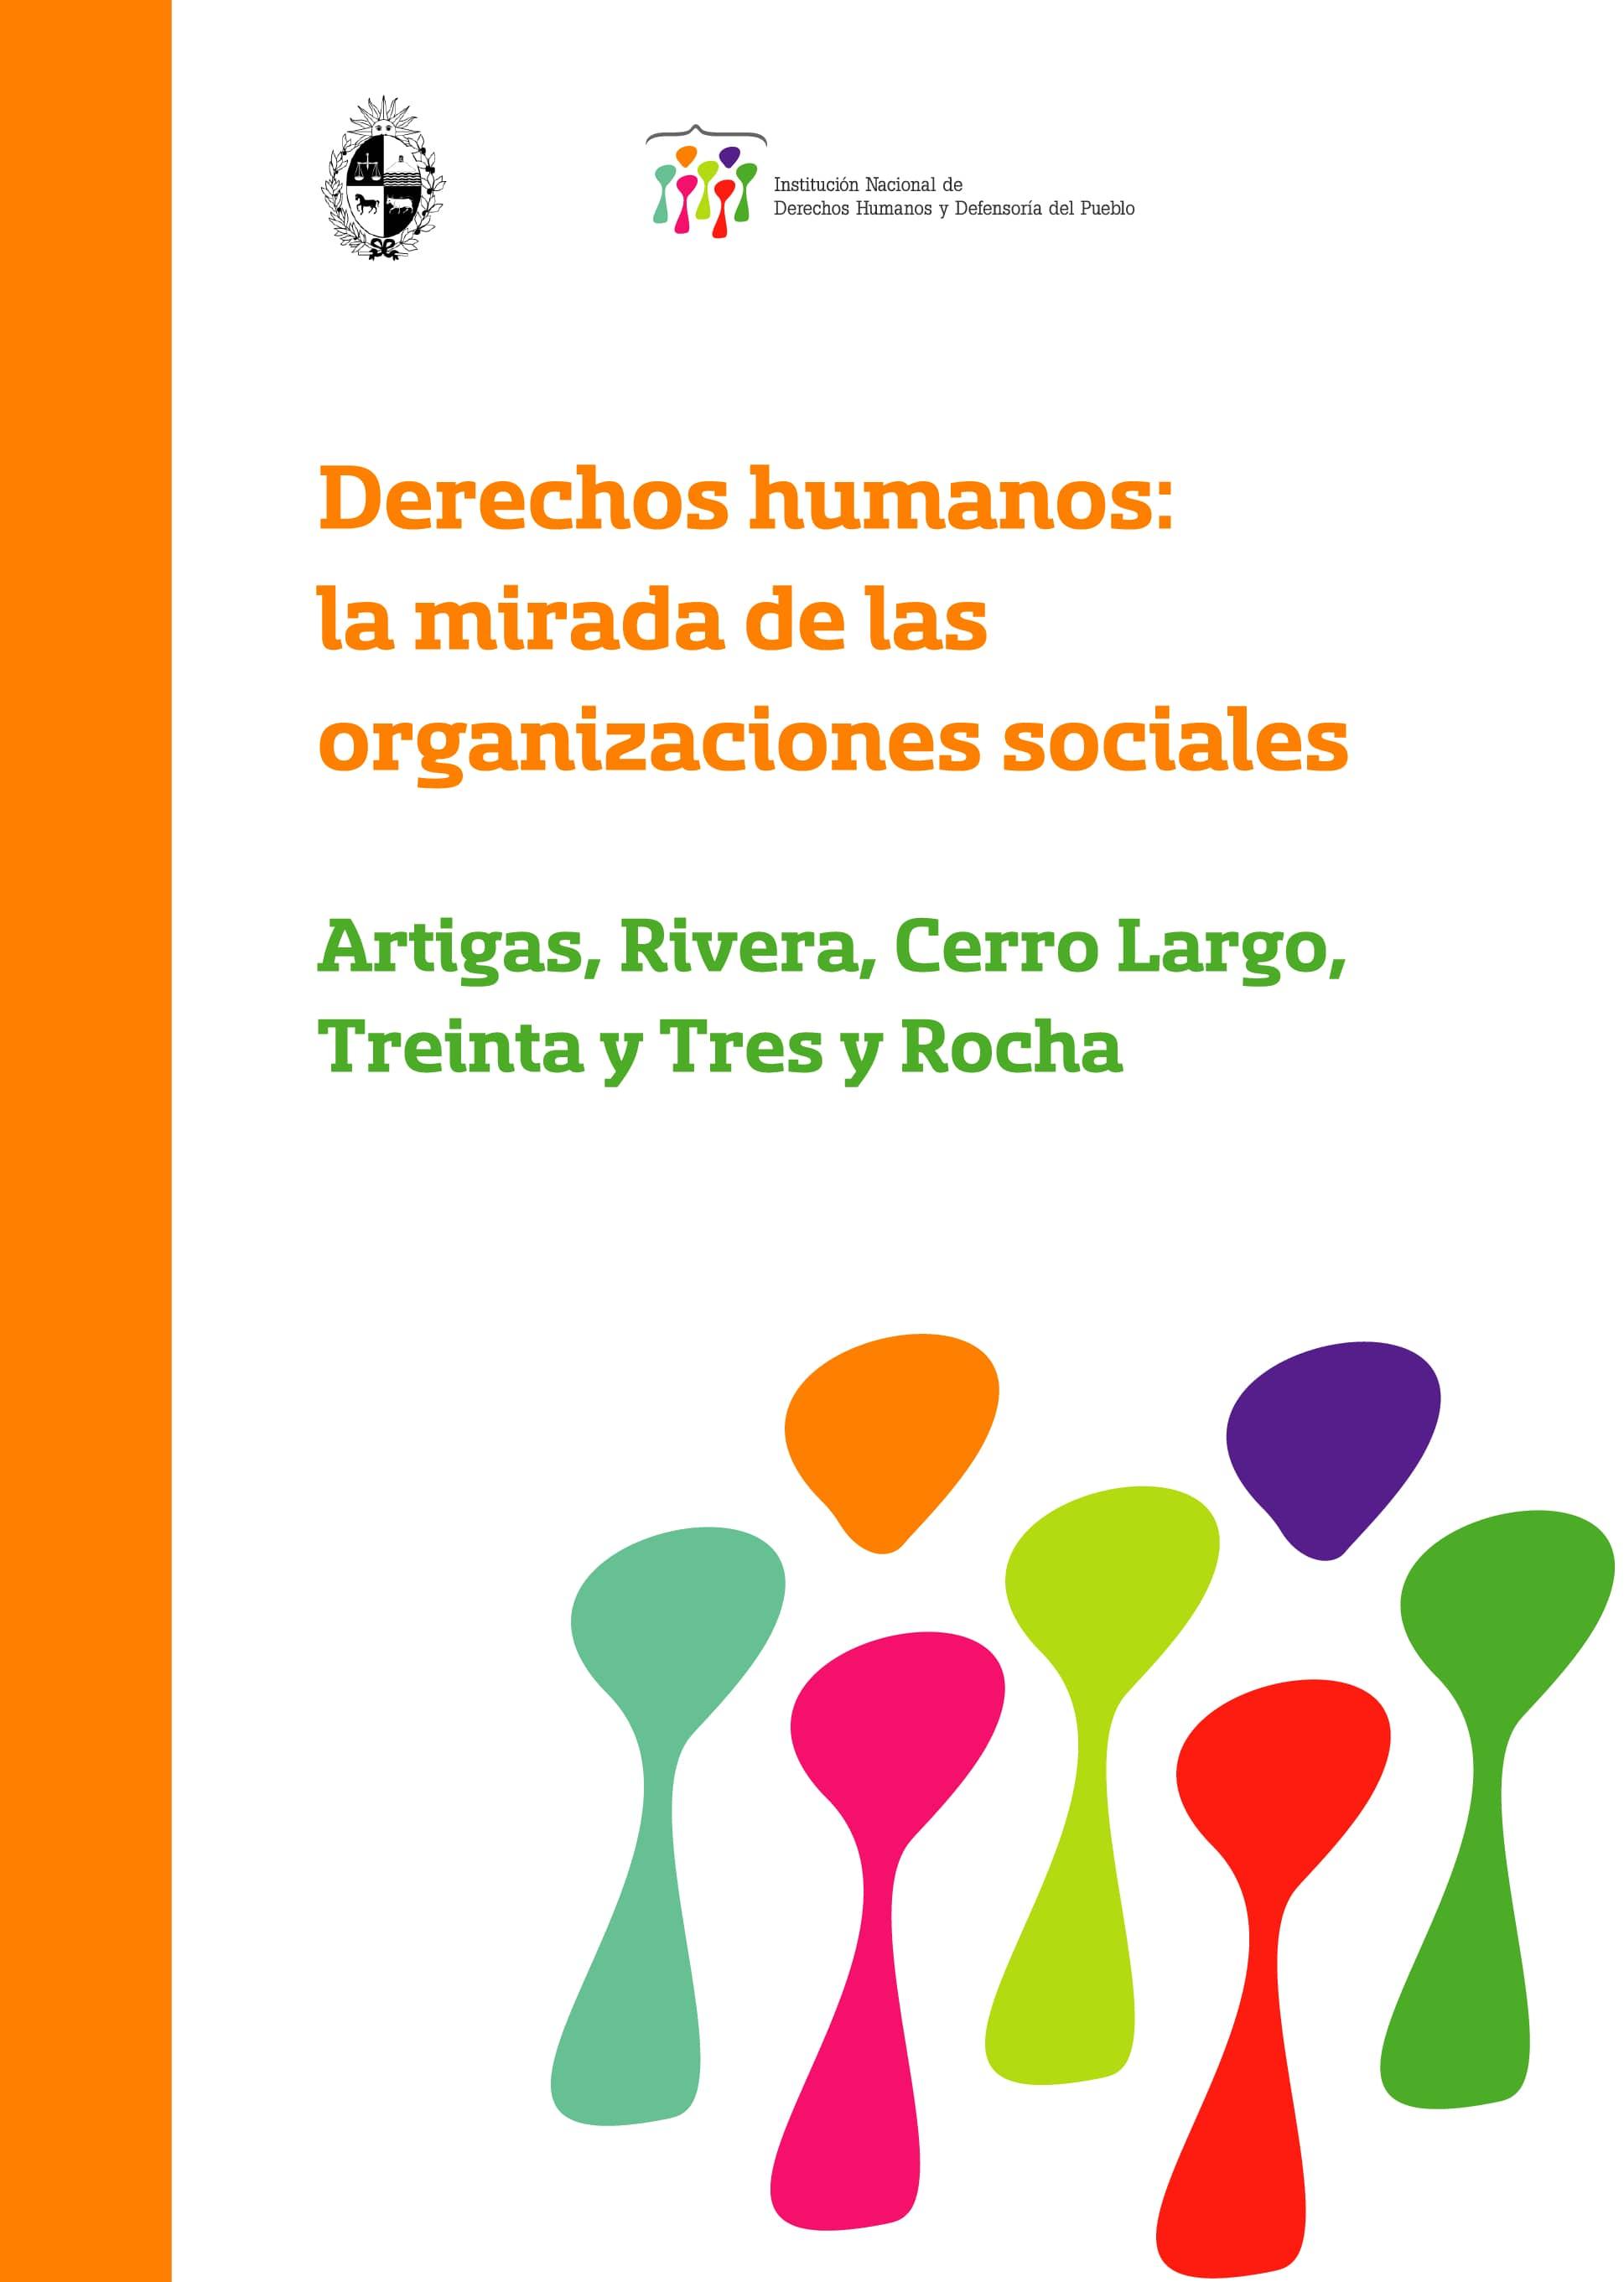 Derechos humanos: la mirada de las organizaciones sociales